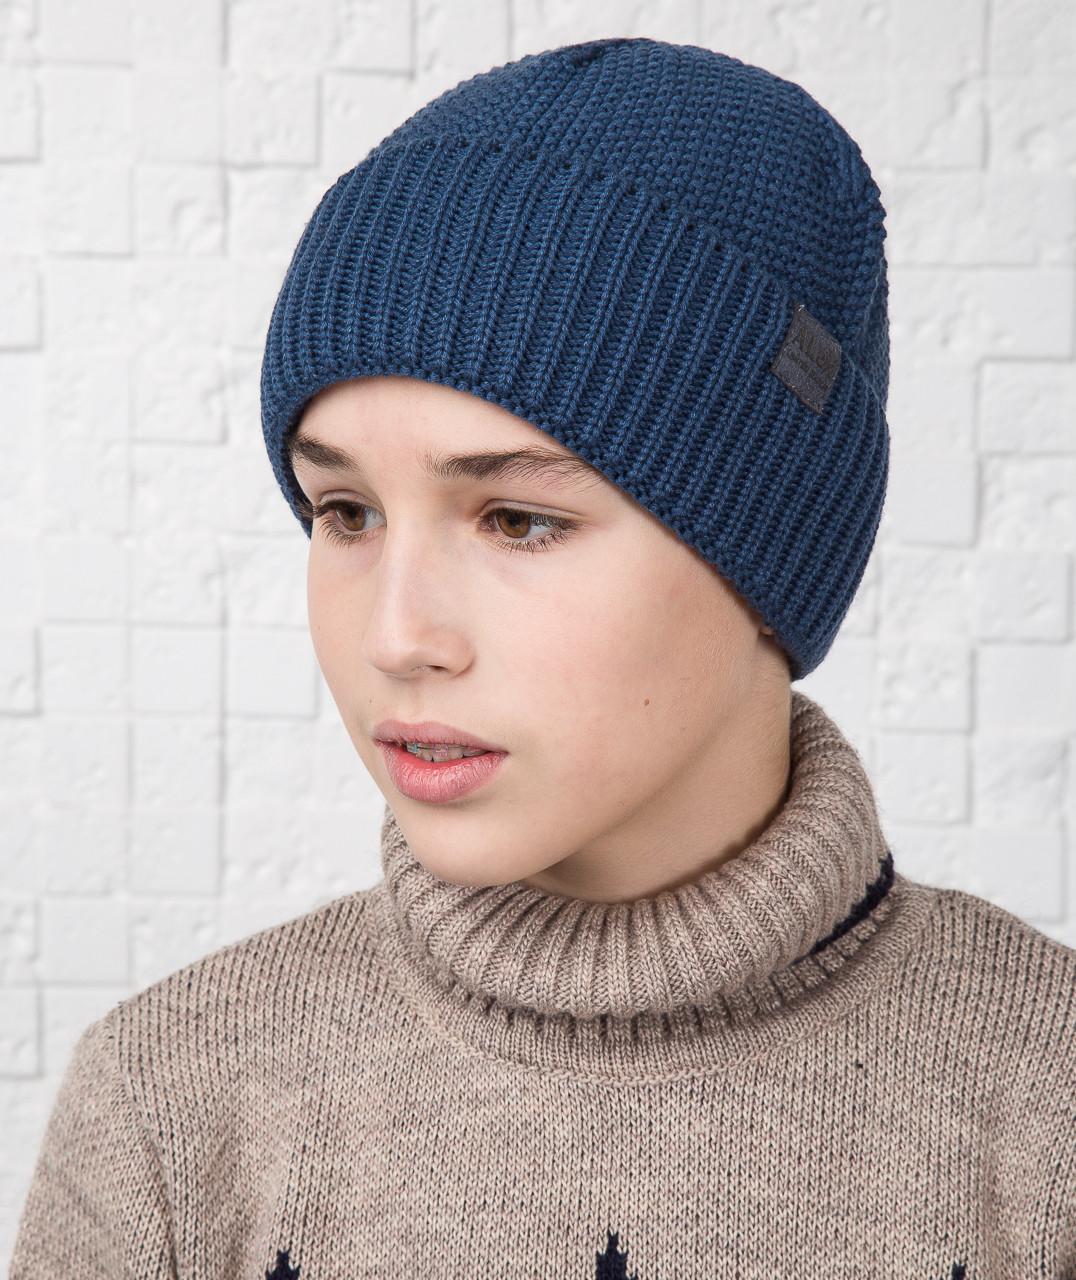 купить зимнюю вязаную шапку для мальчика подростка на флисе